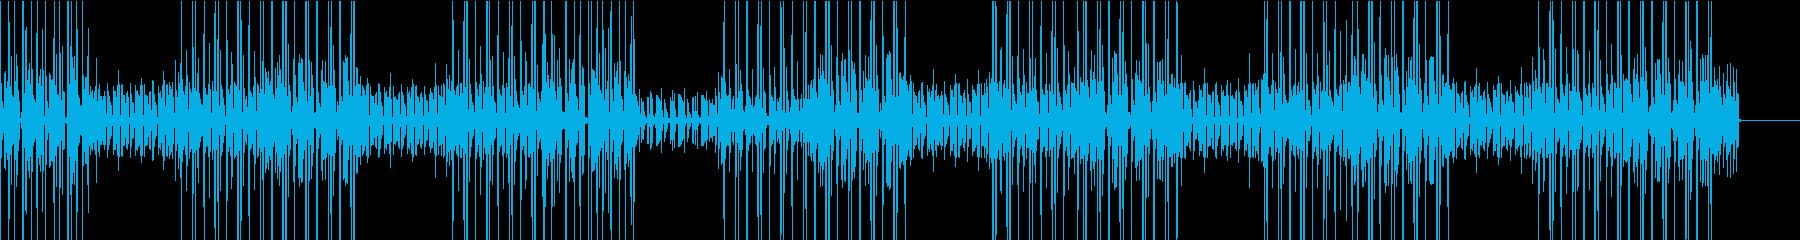 軽快なギター曲の再生済みの波形